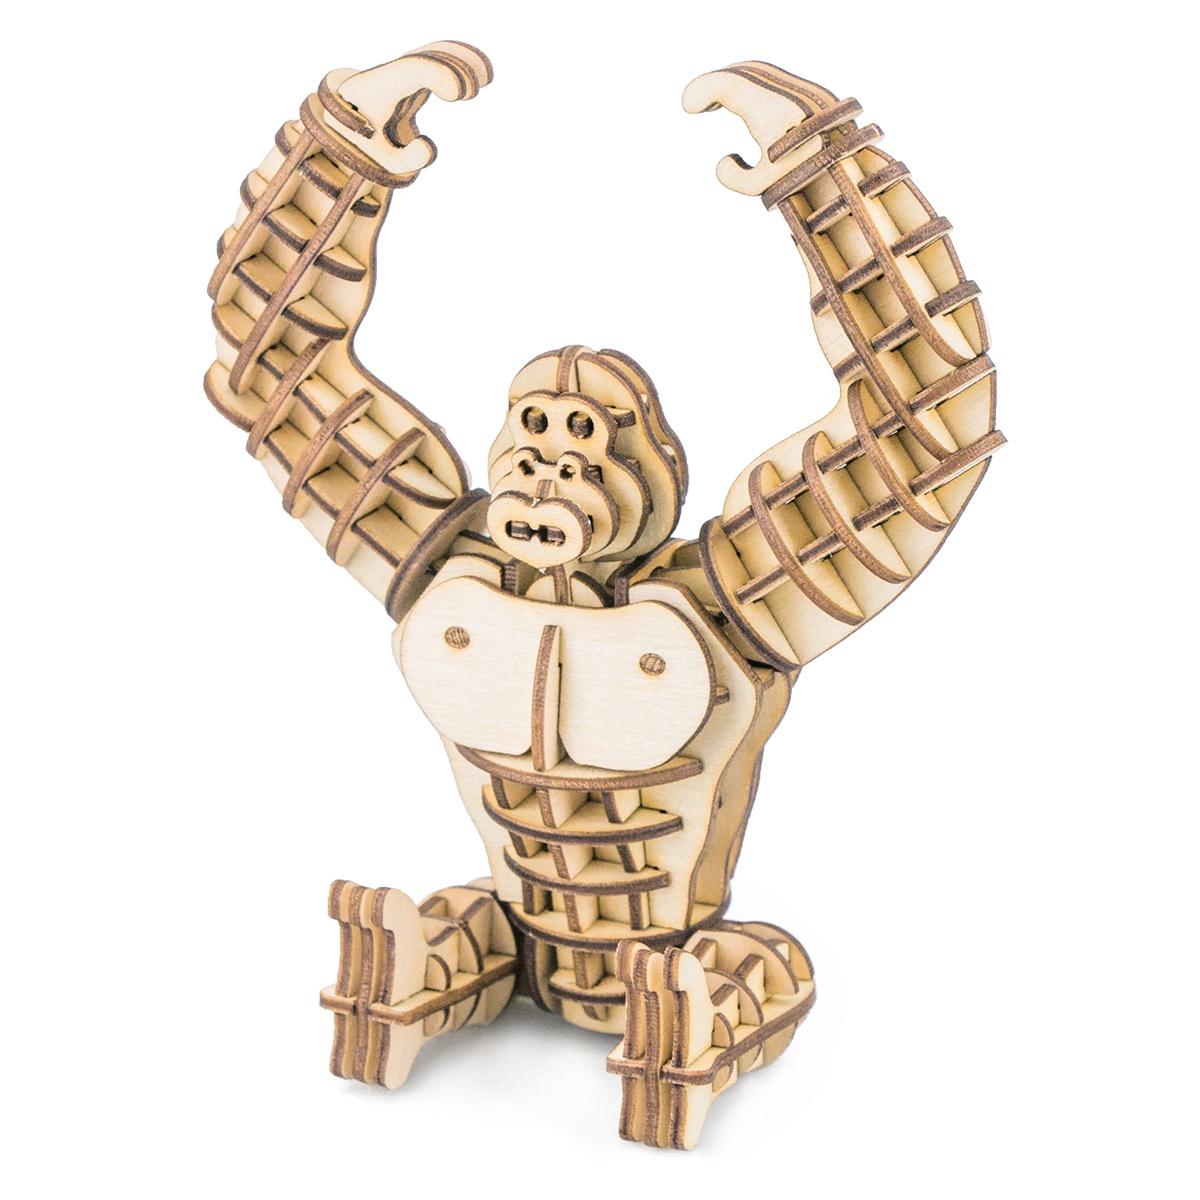 3D Пазл Robotime Деревянные 3D пазлы Gorilla стоимость